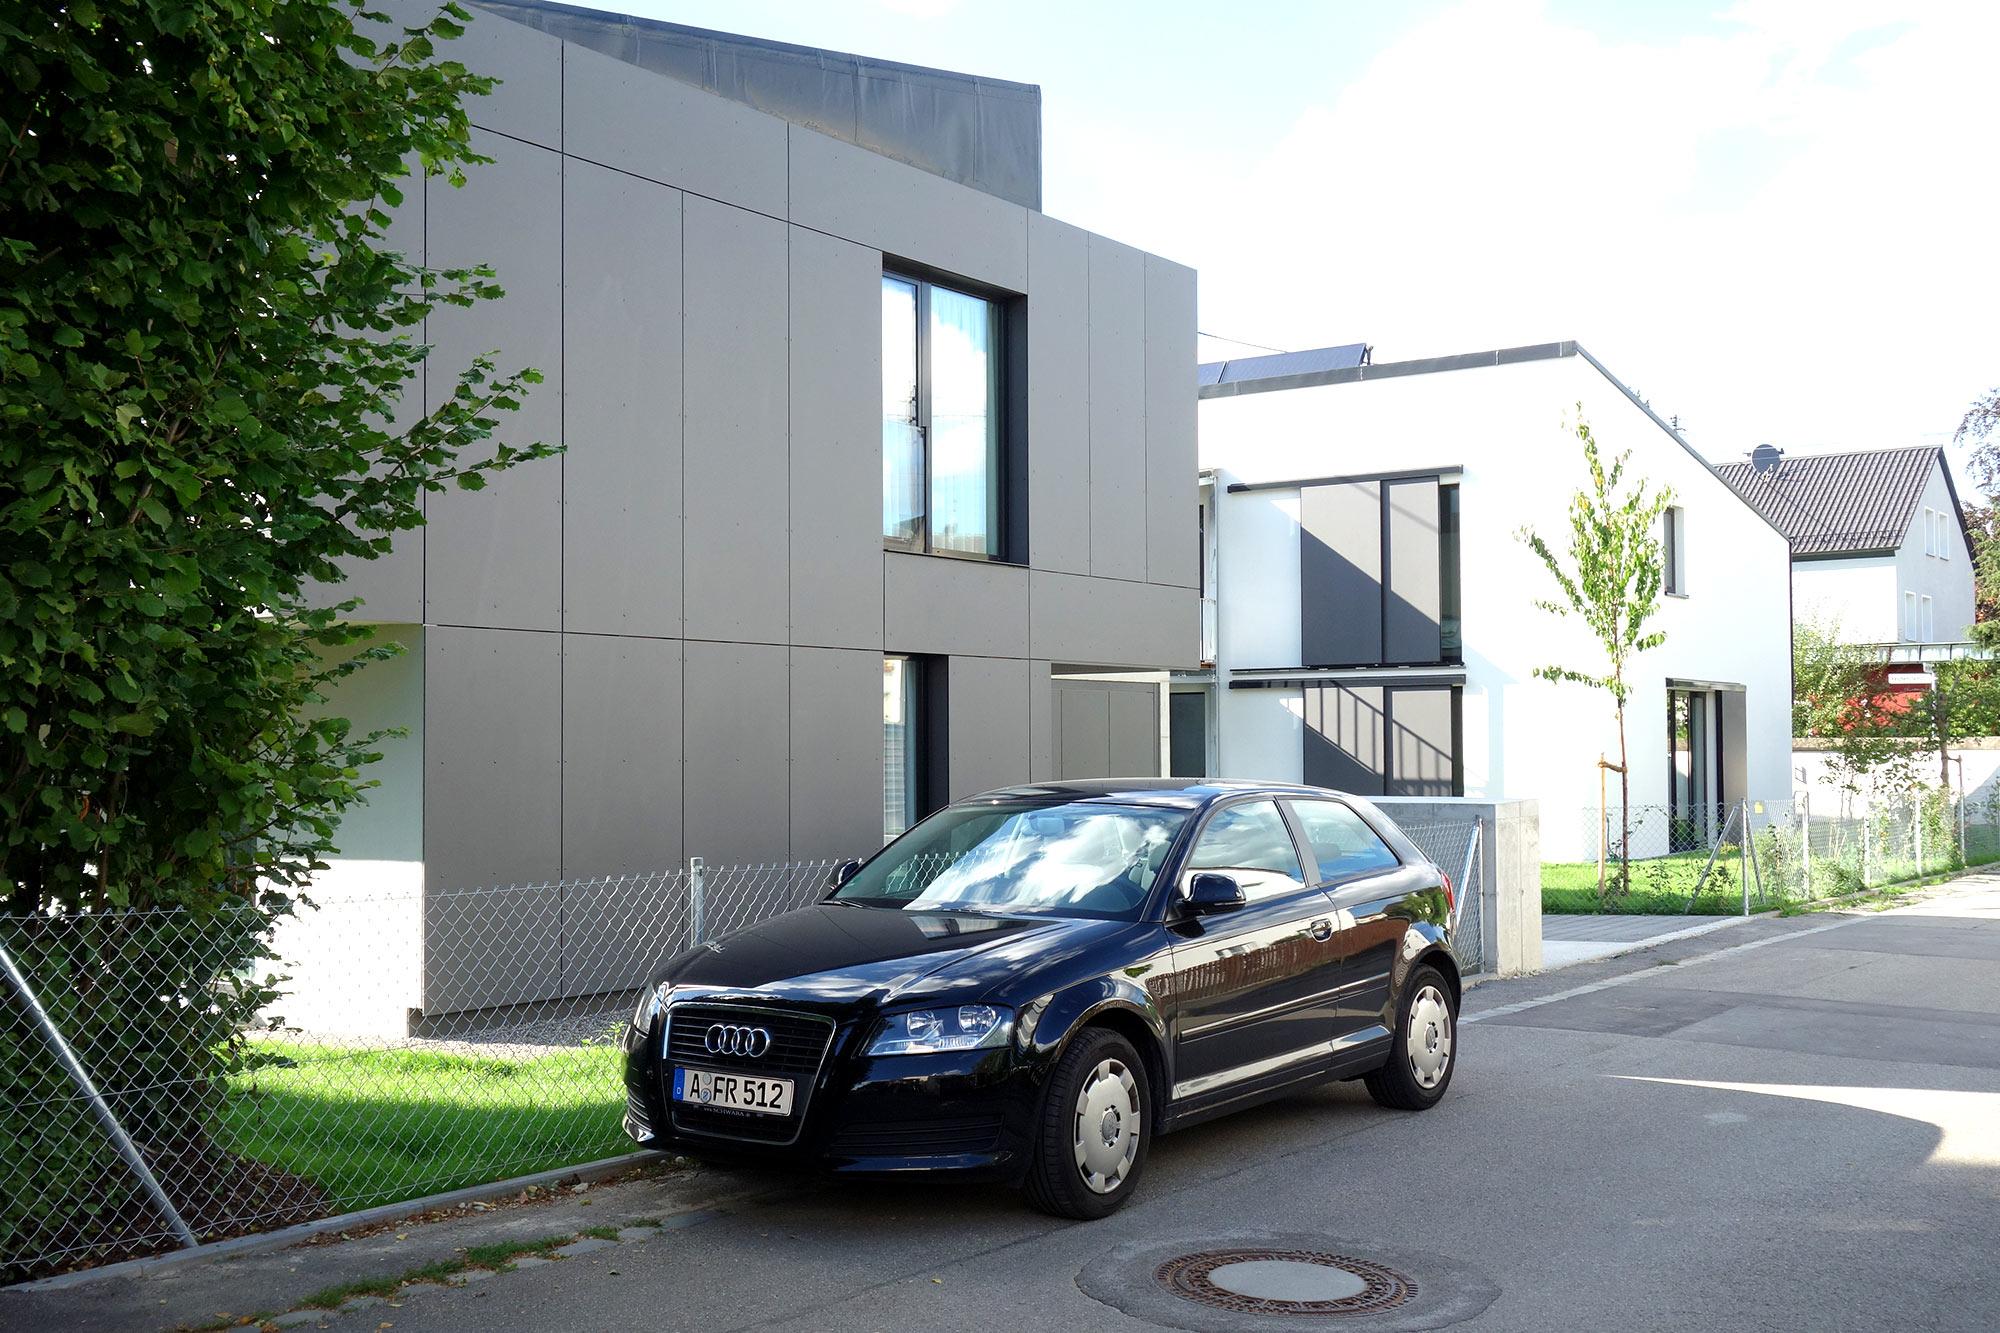 Einfamilien- und Mehrfamilienhaus in Augsburg